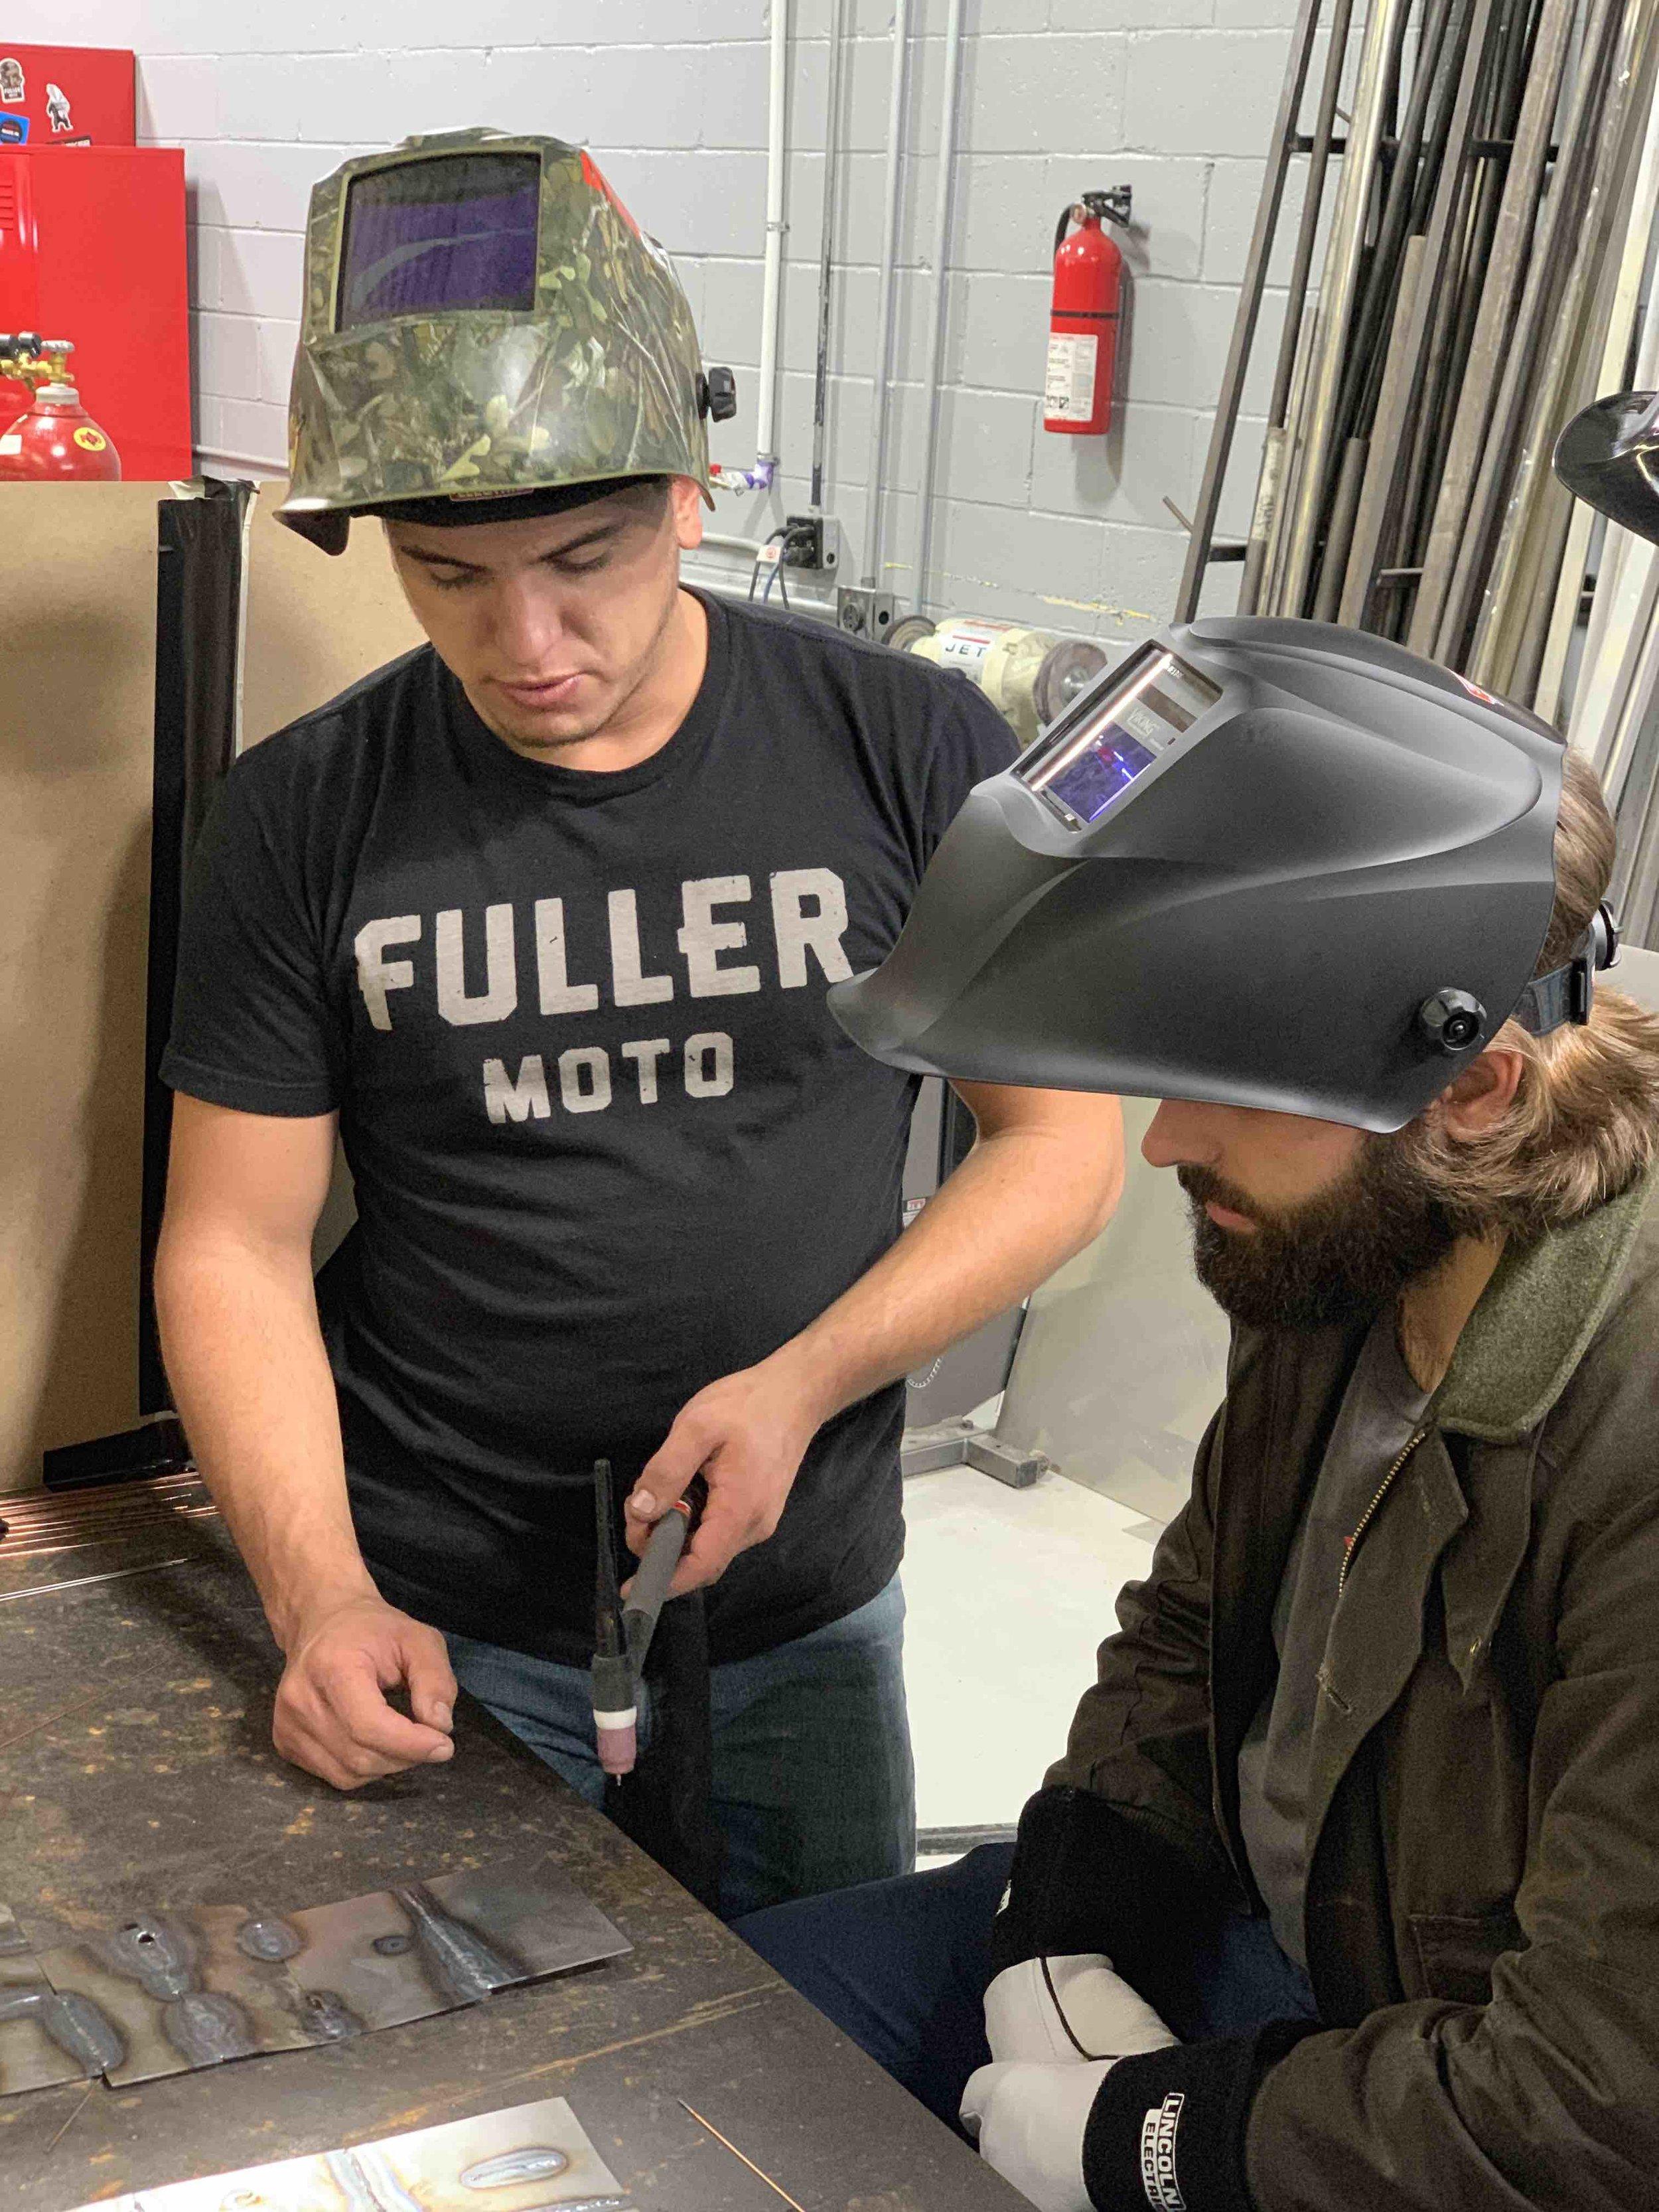 Fuller-Moto-Welding-Workshop-Jan2019-11.jpg